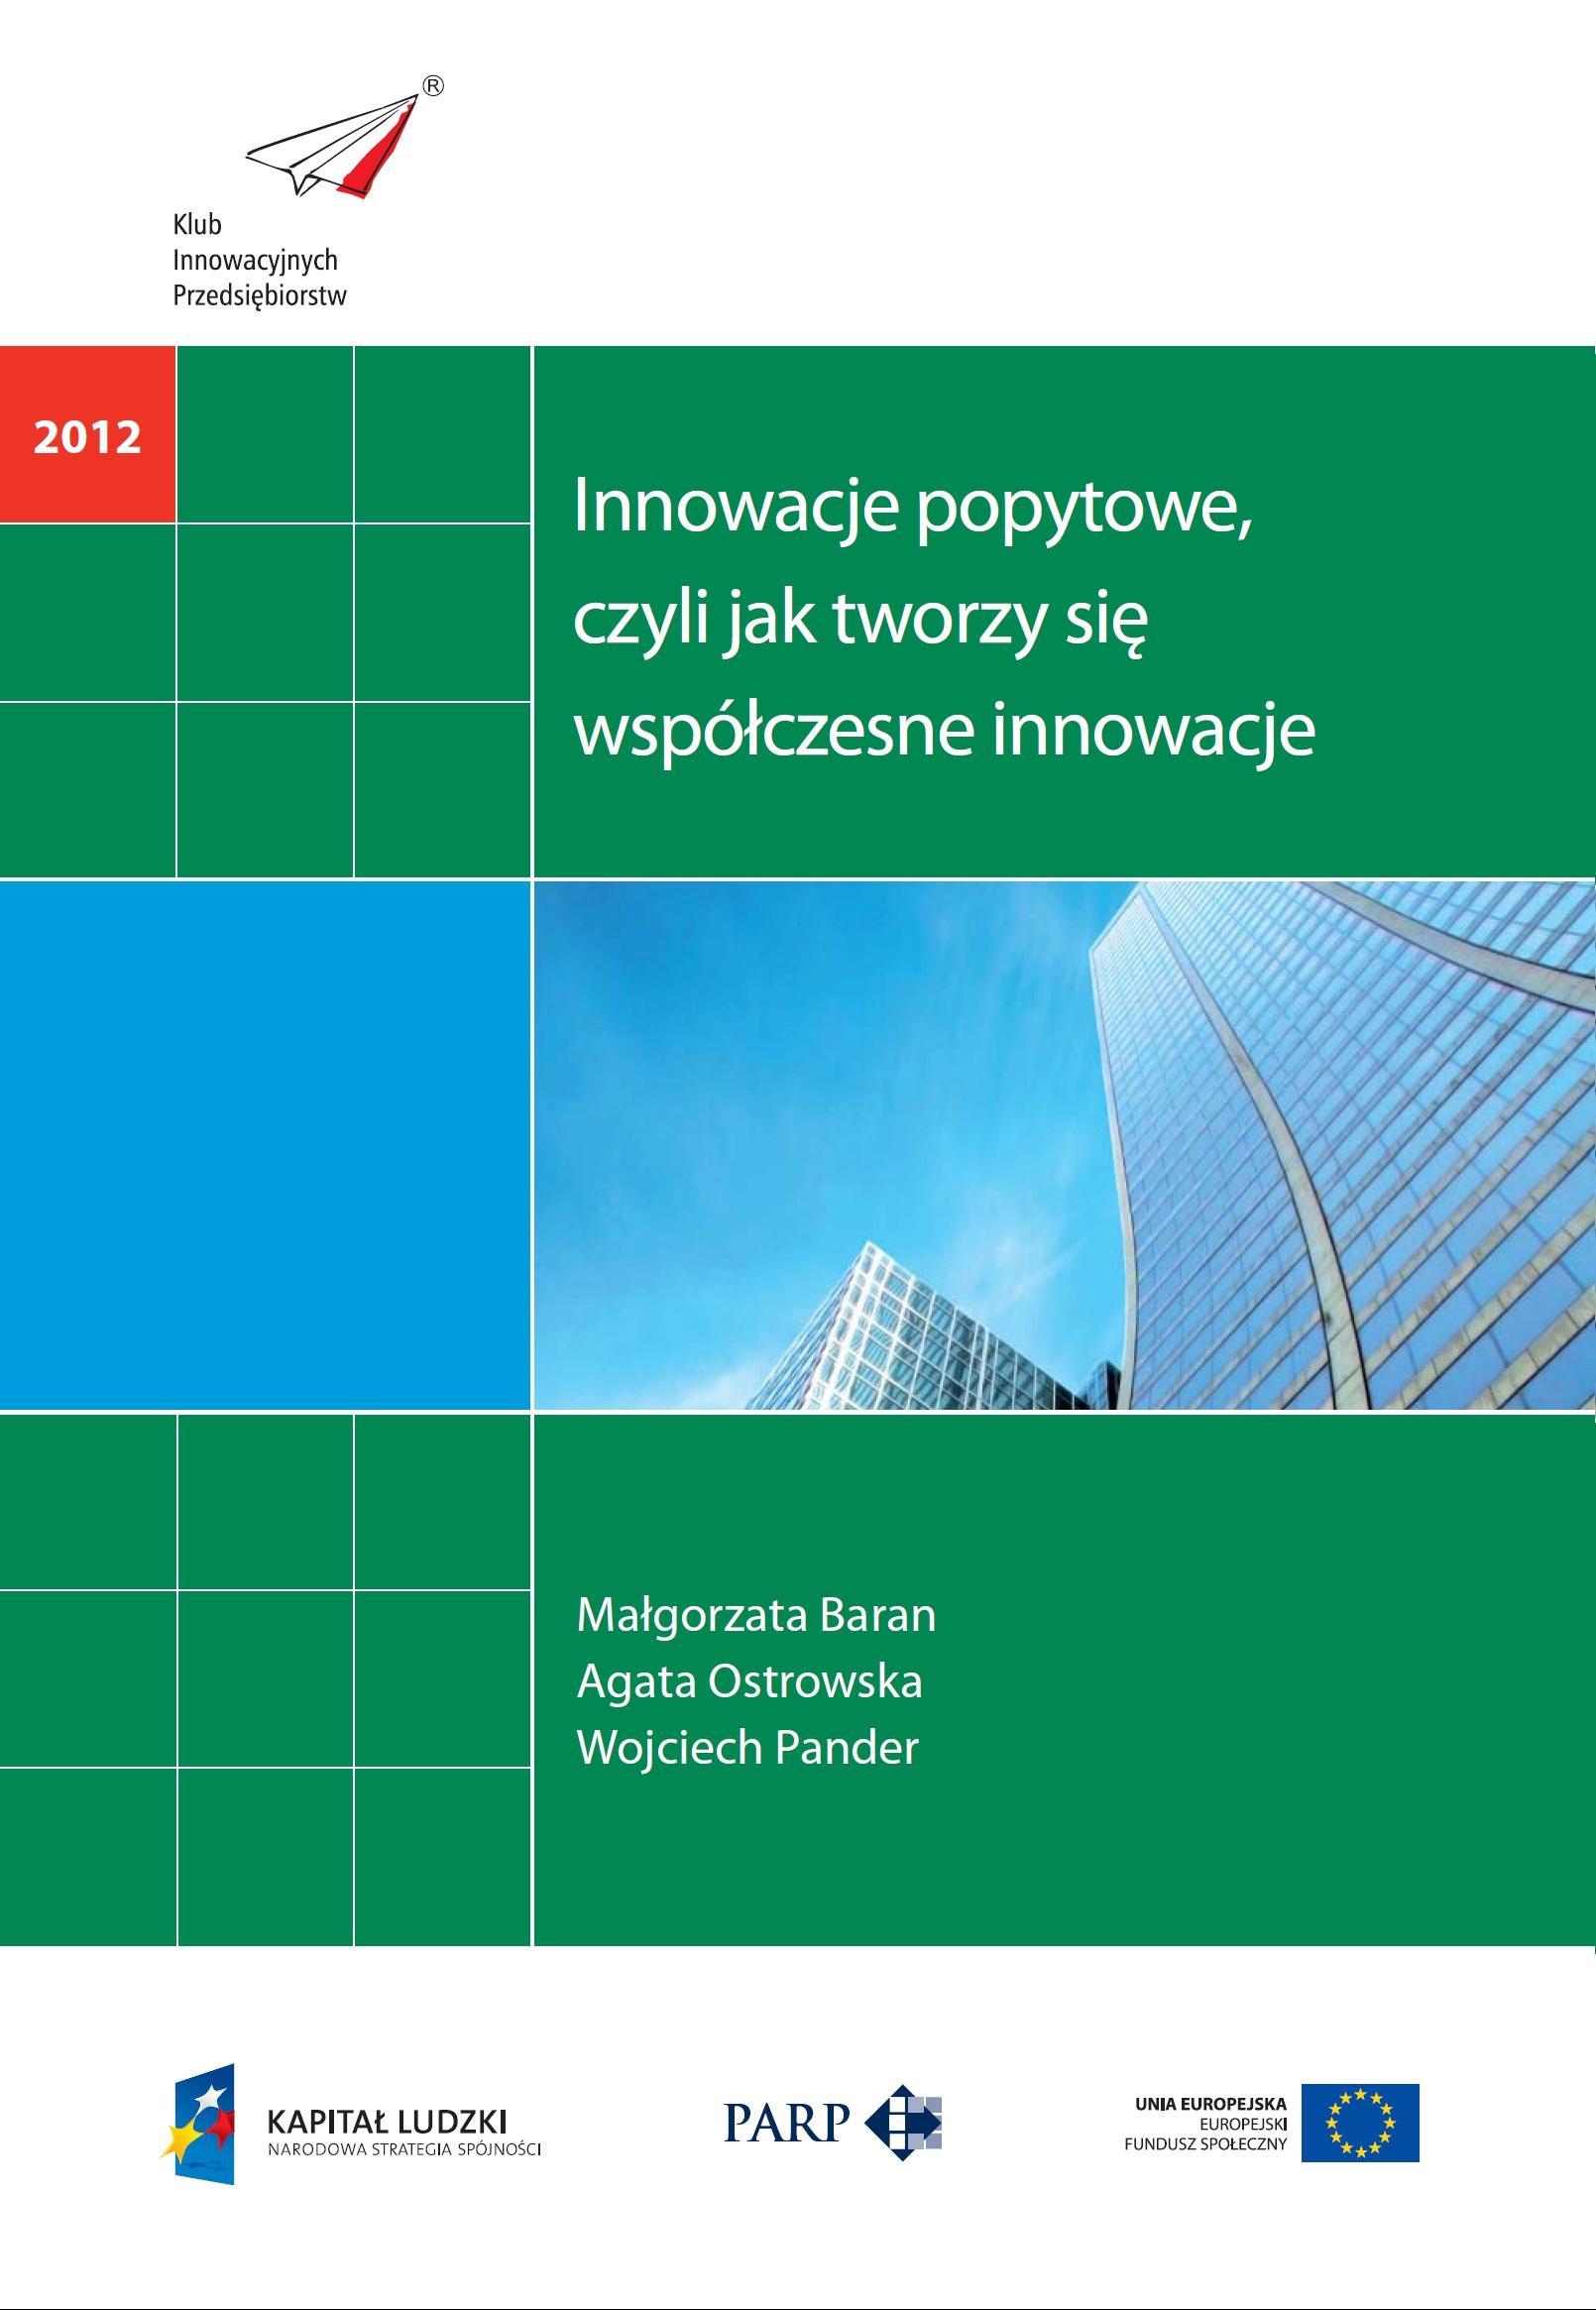 Innowacje popytowe, czyli jak tworzy się współczesne innowacje